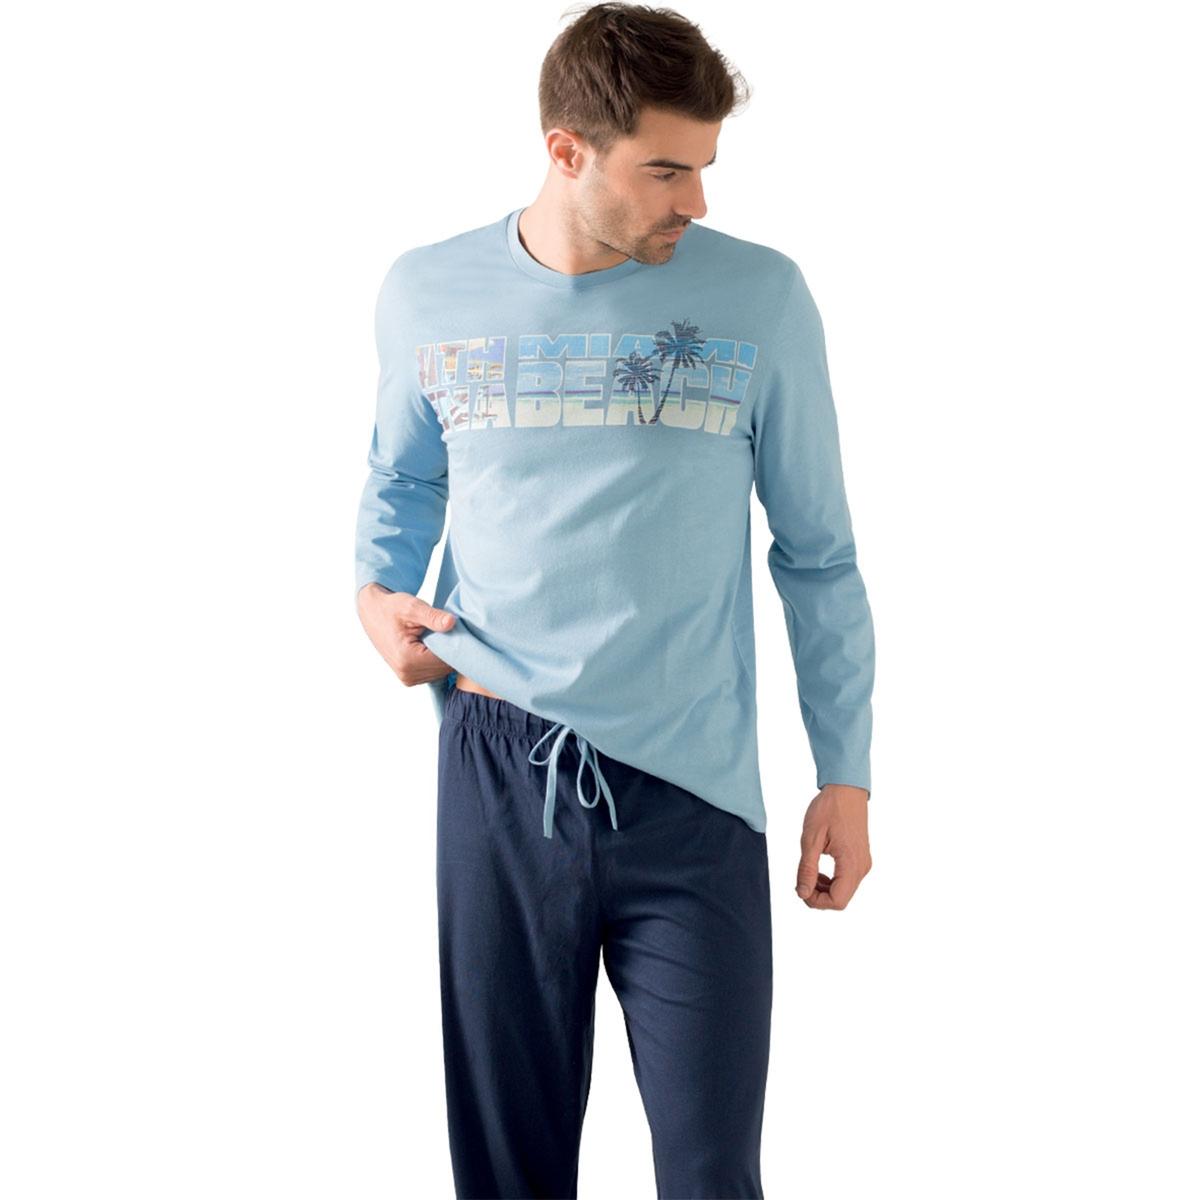 Пижама длинная, нагрудный рисунокОписание:Длинная и комфортная пижама для мужчин с нагрудным рисунком в стиле Miami Beach : длинная пижама от Athena для мужчин!Состав и описание :Пижама длинная. Футболка с рисунком и длинными рукавами. Круглый вырезБрюки с эластичным поясом и на завязках.Материал : 100% хлопок. Джерси. Марка: ATHENA.Уход :Стирать при 40° с вещами схожих цветов.Стирка и глажка с изнаночной стороны.Машинная сушка запрещена.<br><br>Цвет: синий/темно-синий